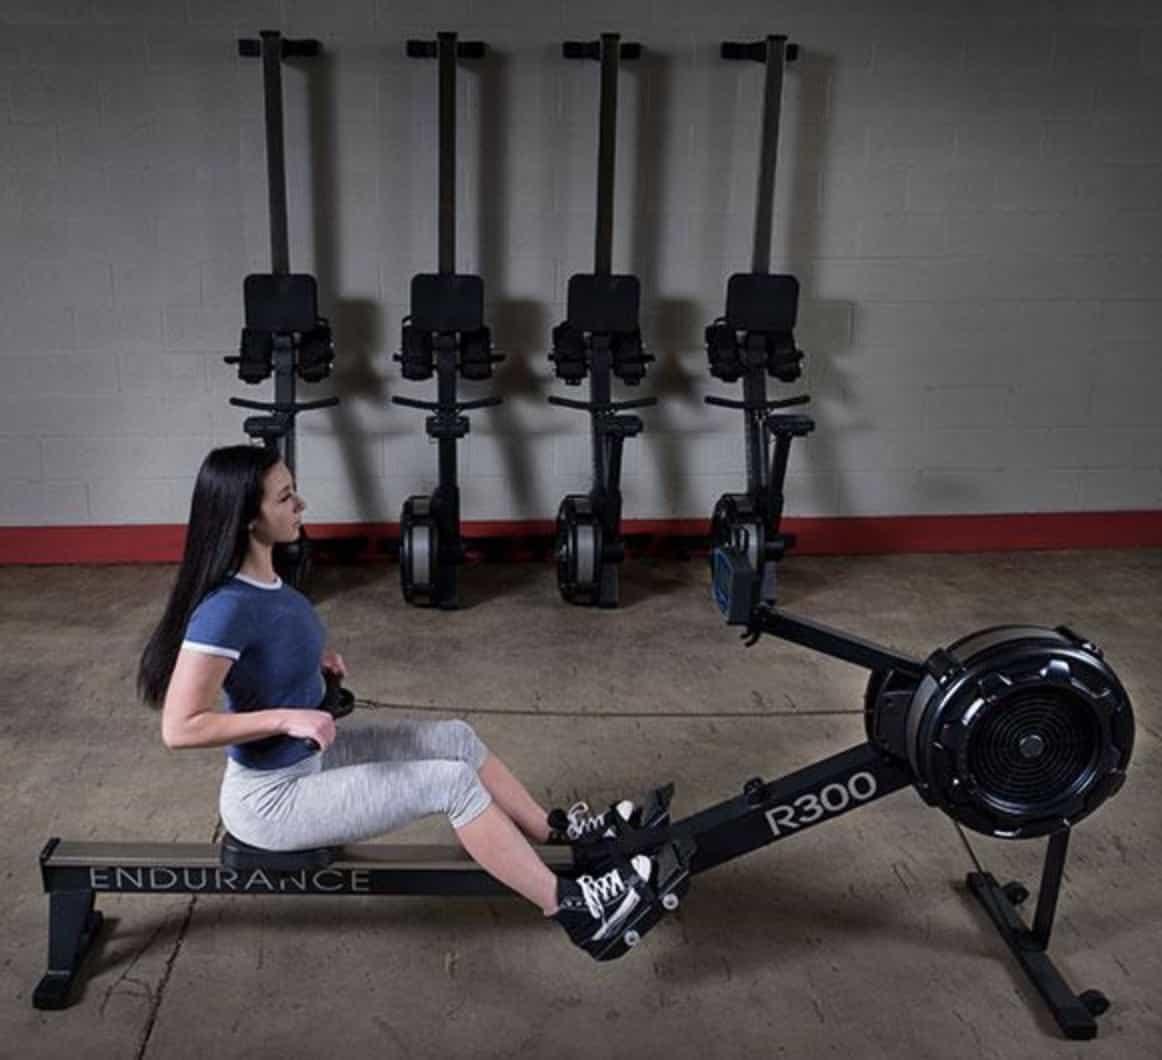 Endurance R300 для хранения в помещении Rower